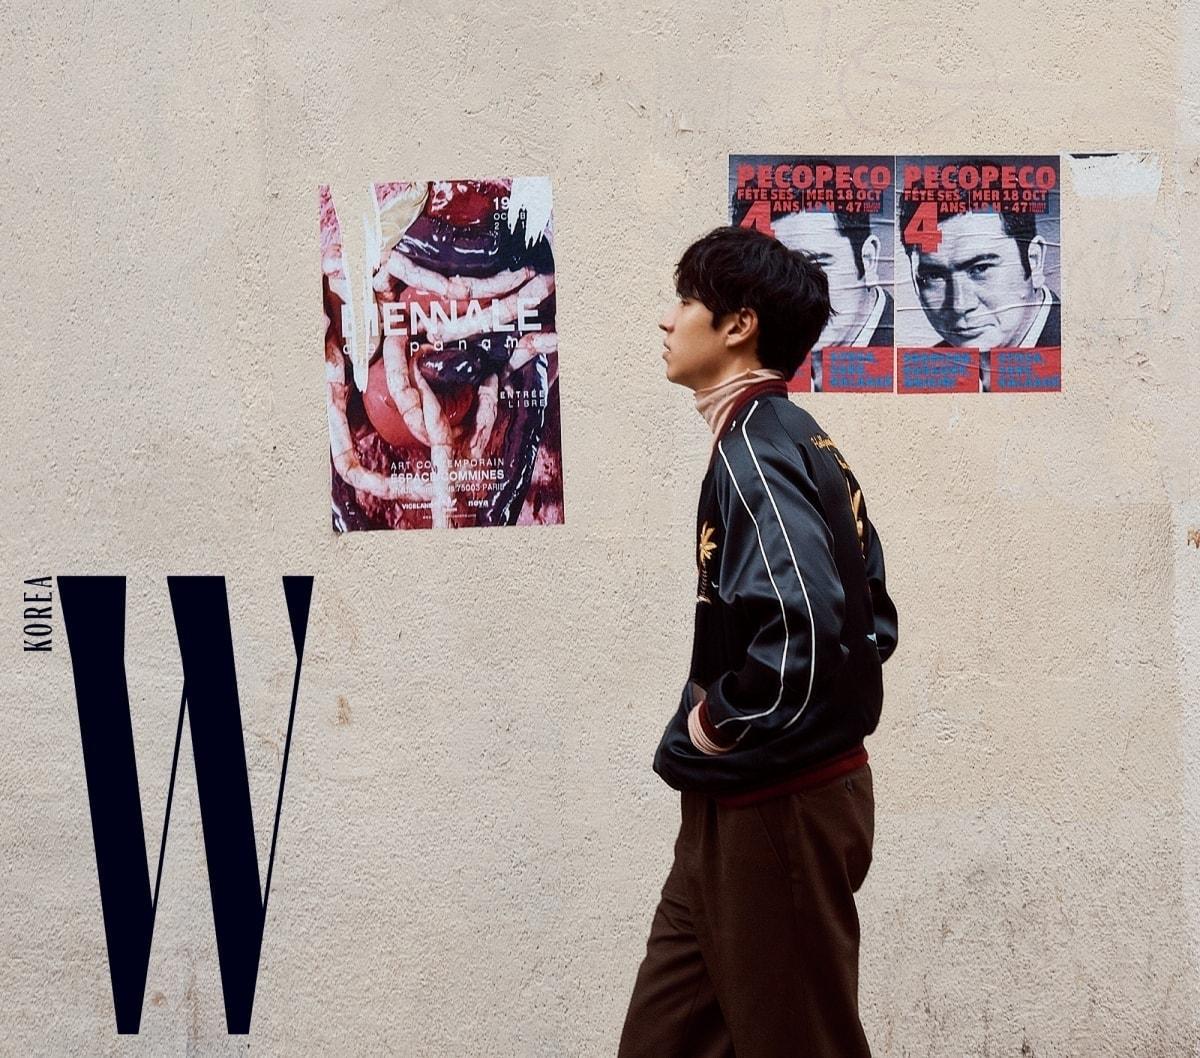 스카잔 점퍼는 Hollywood Trading Company by John White, 분홍색 터틀넥은 Lanvin, 팬츠는 Ami 제품.